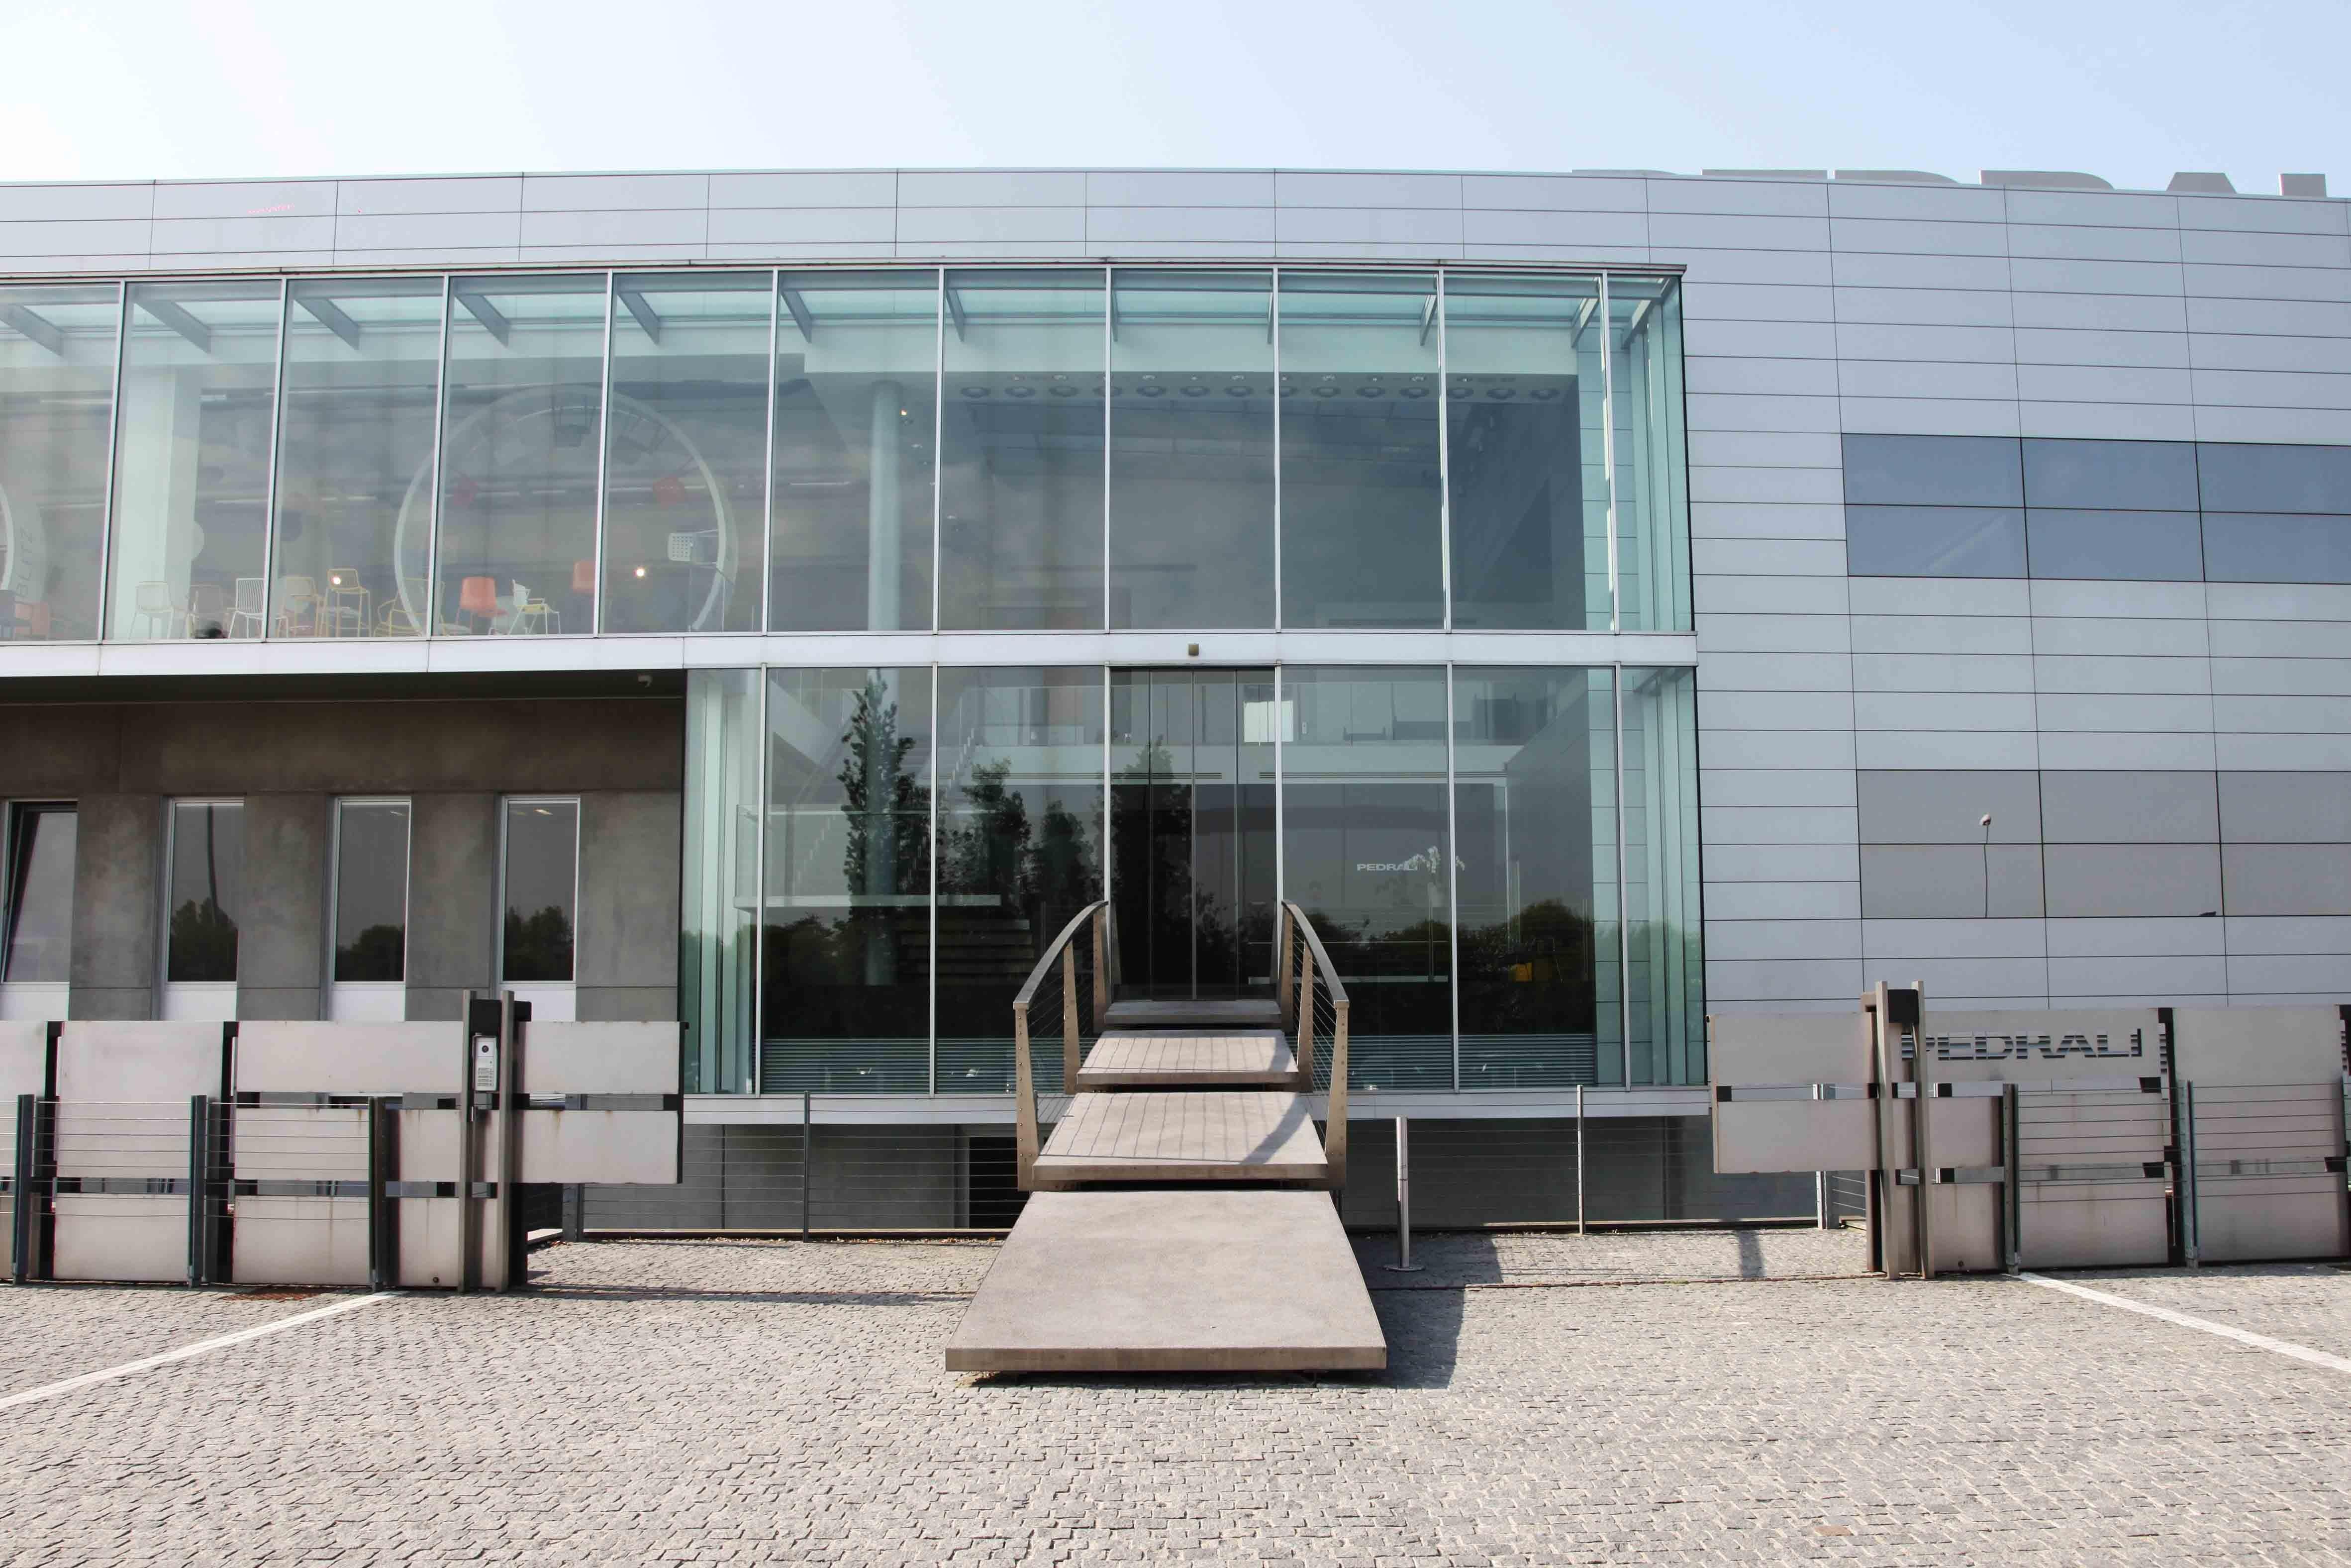 La sede di Pedrali - Sedi Aziendali